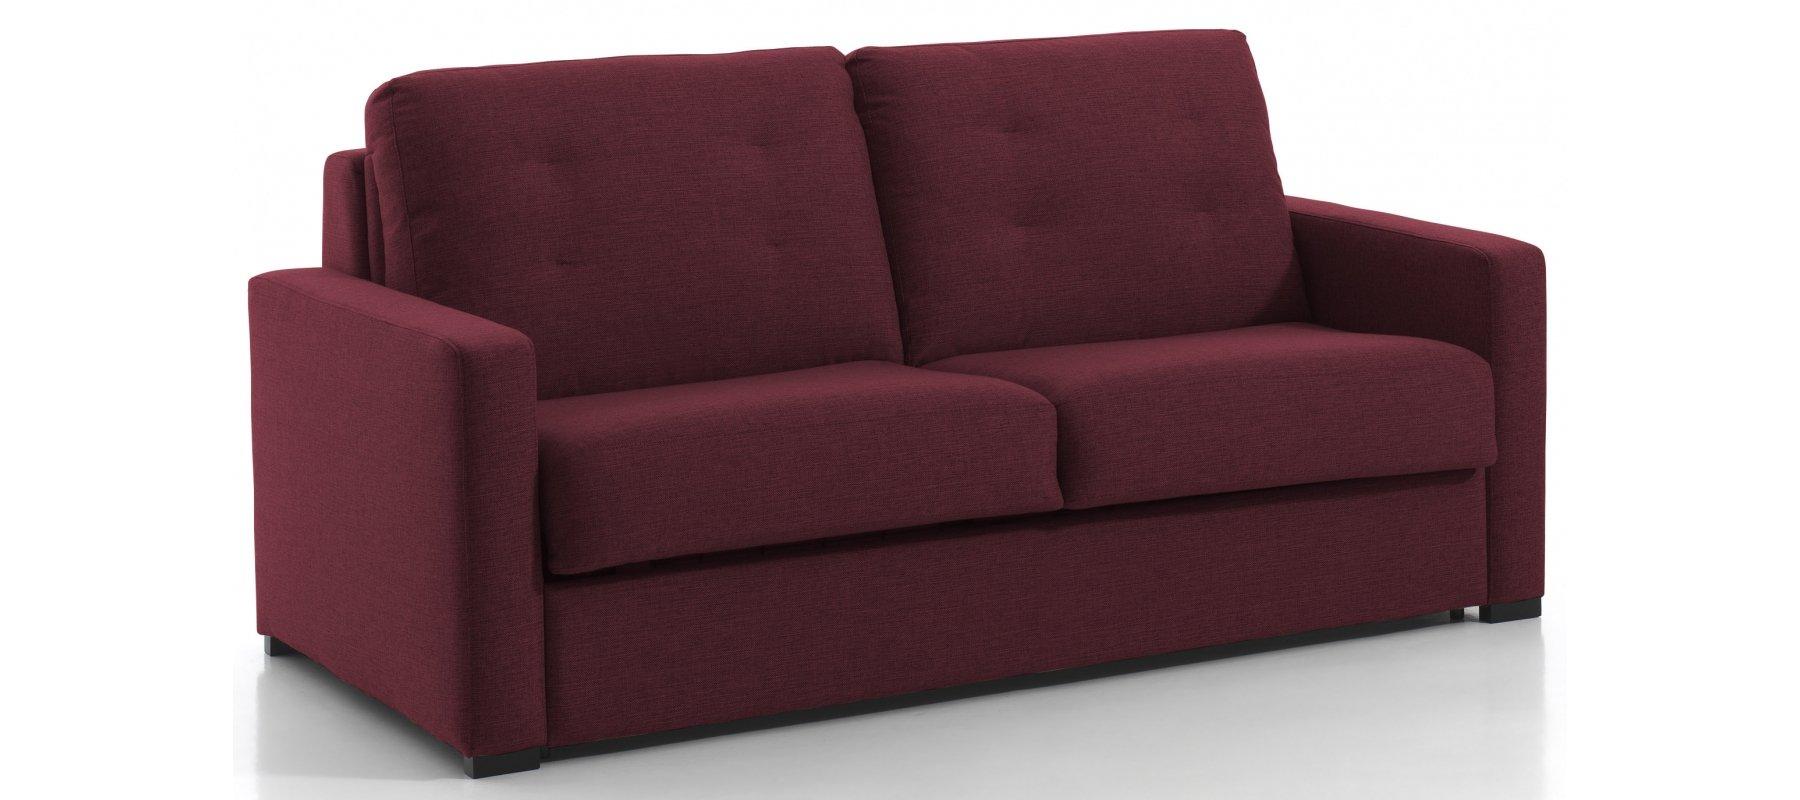 canap convertible 2 places rapido 120cm couchage quotidien 1299. Black Bedroom Furniture Sets. Home Design Ideas